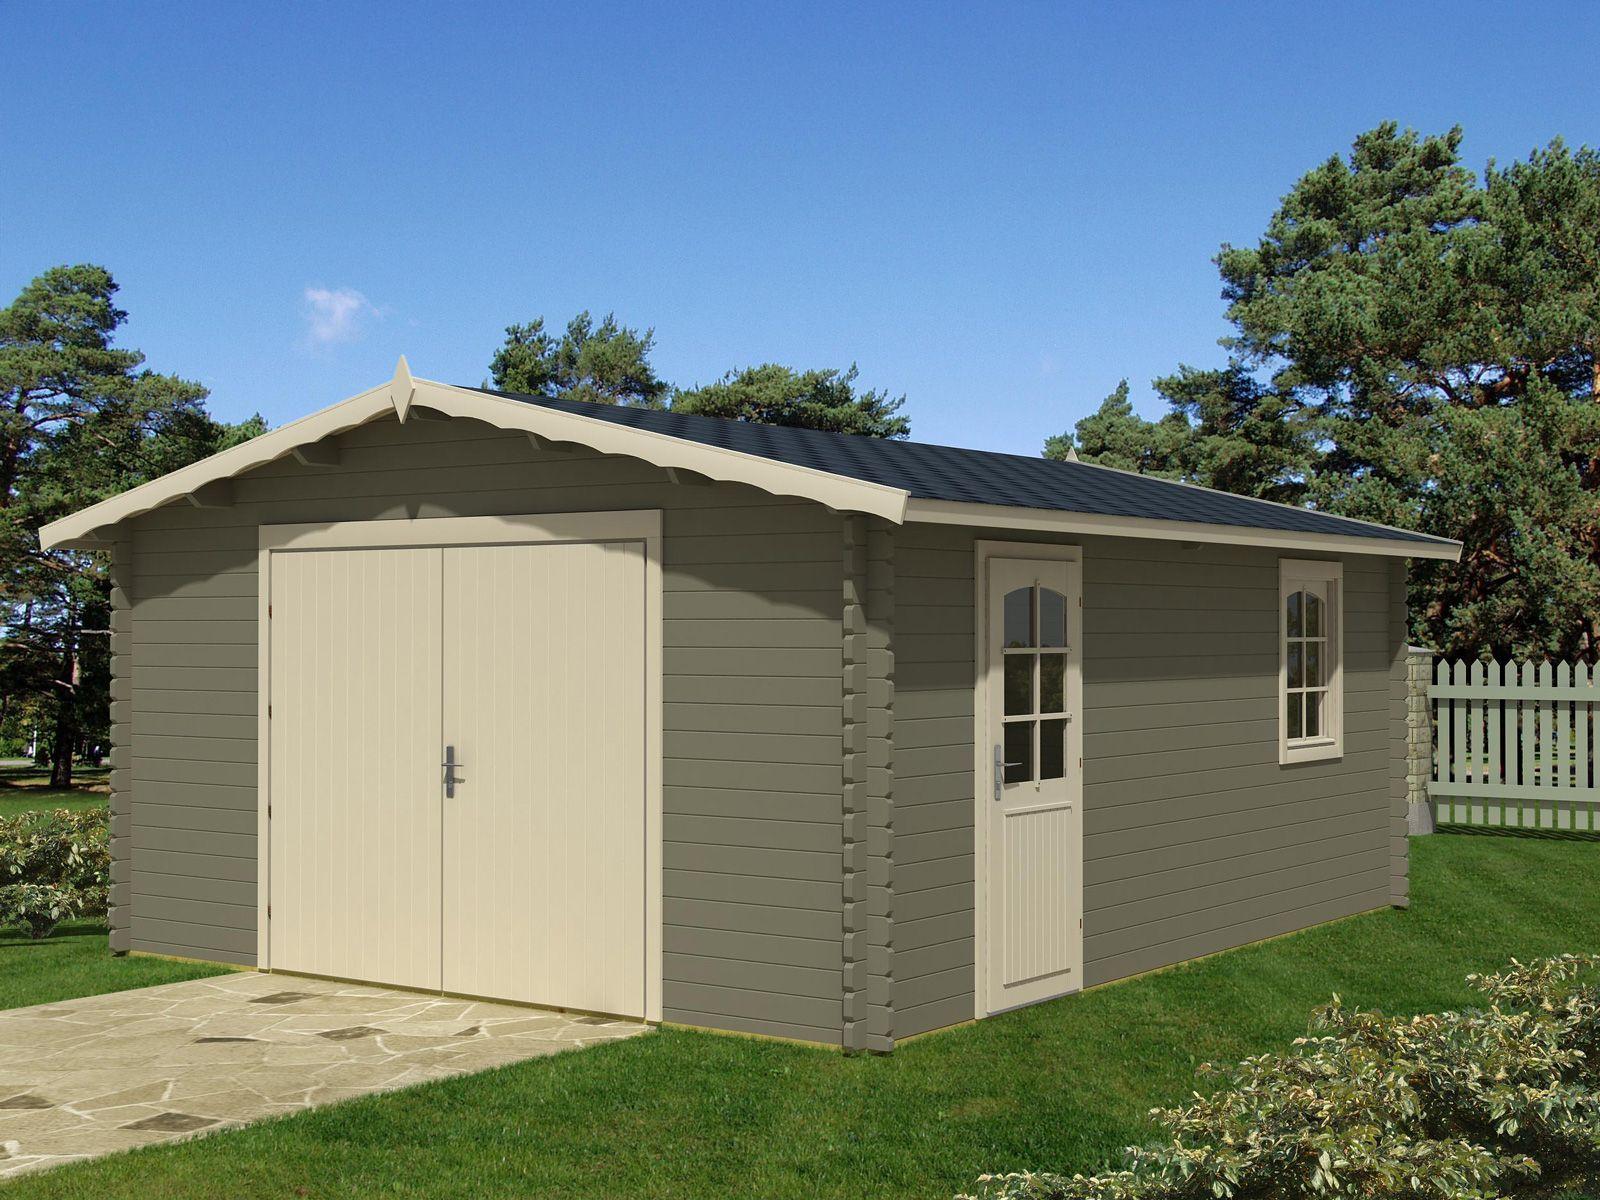 Rummelig Garage I Klassisk Design, Et Hus Med Mange Anvendelses Muligheder.